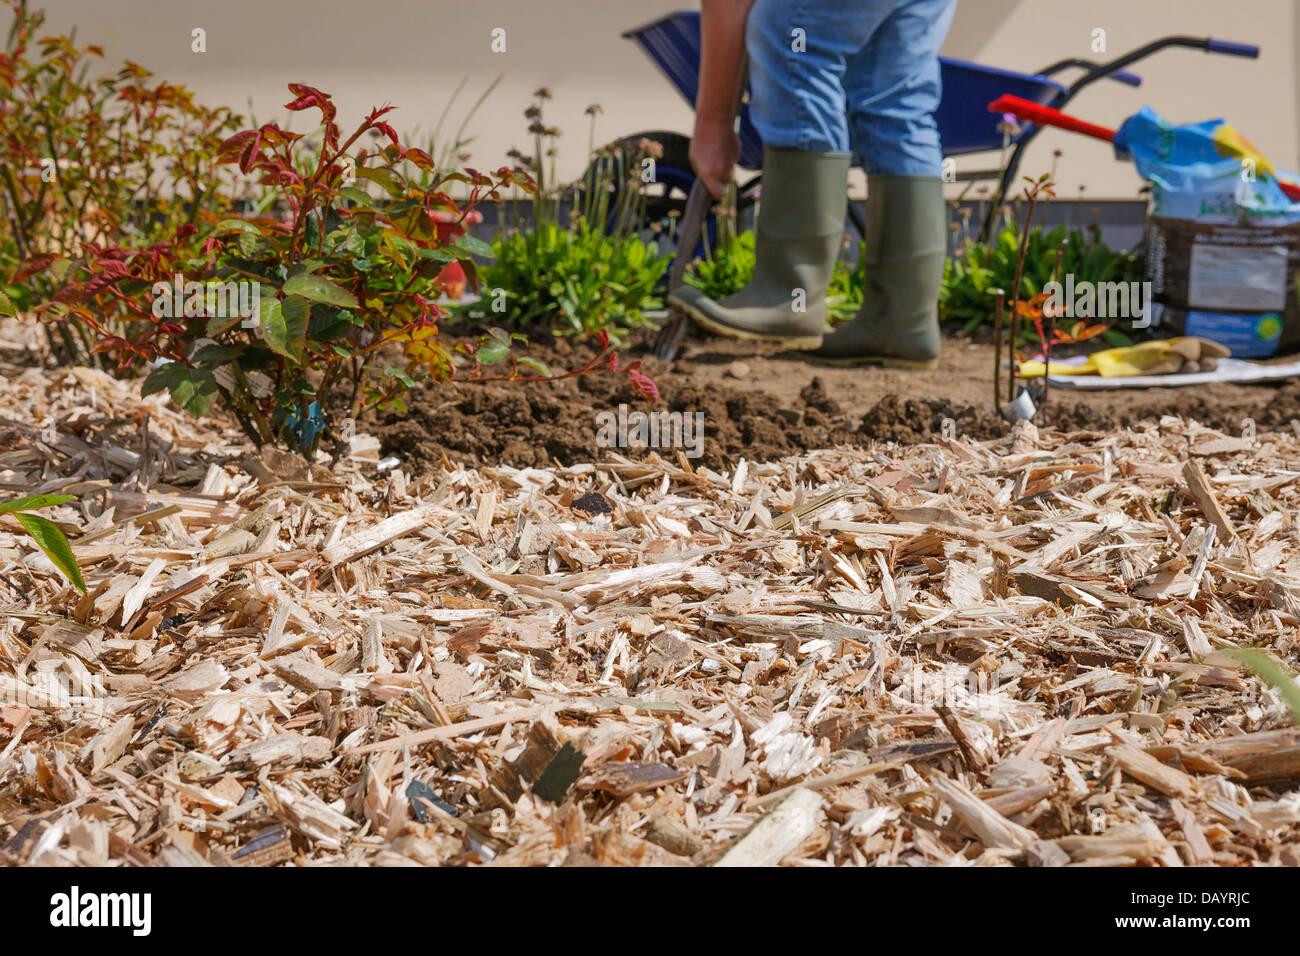 Vorbereitung Und Verbreitung Von Holzspänen Im Garten Stockfoto